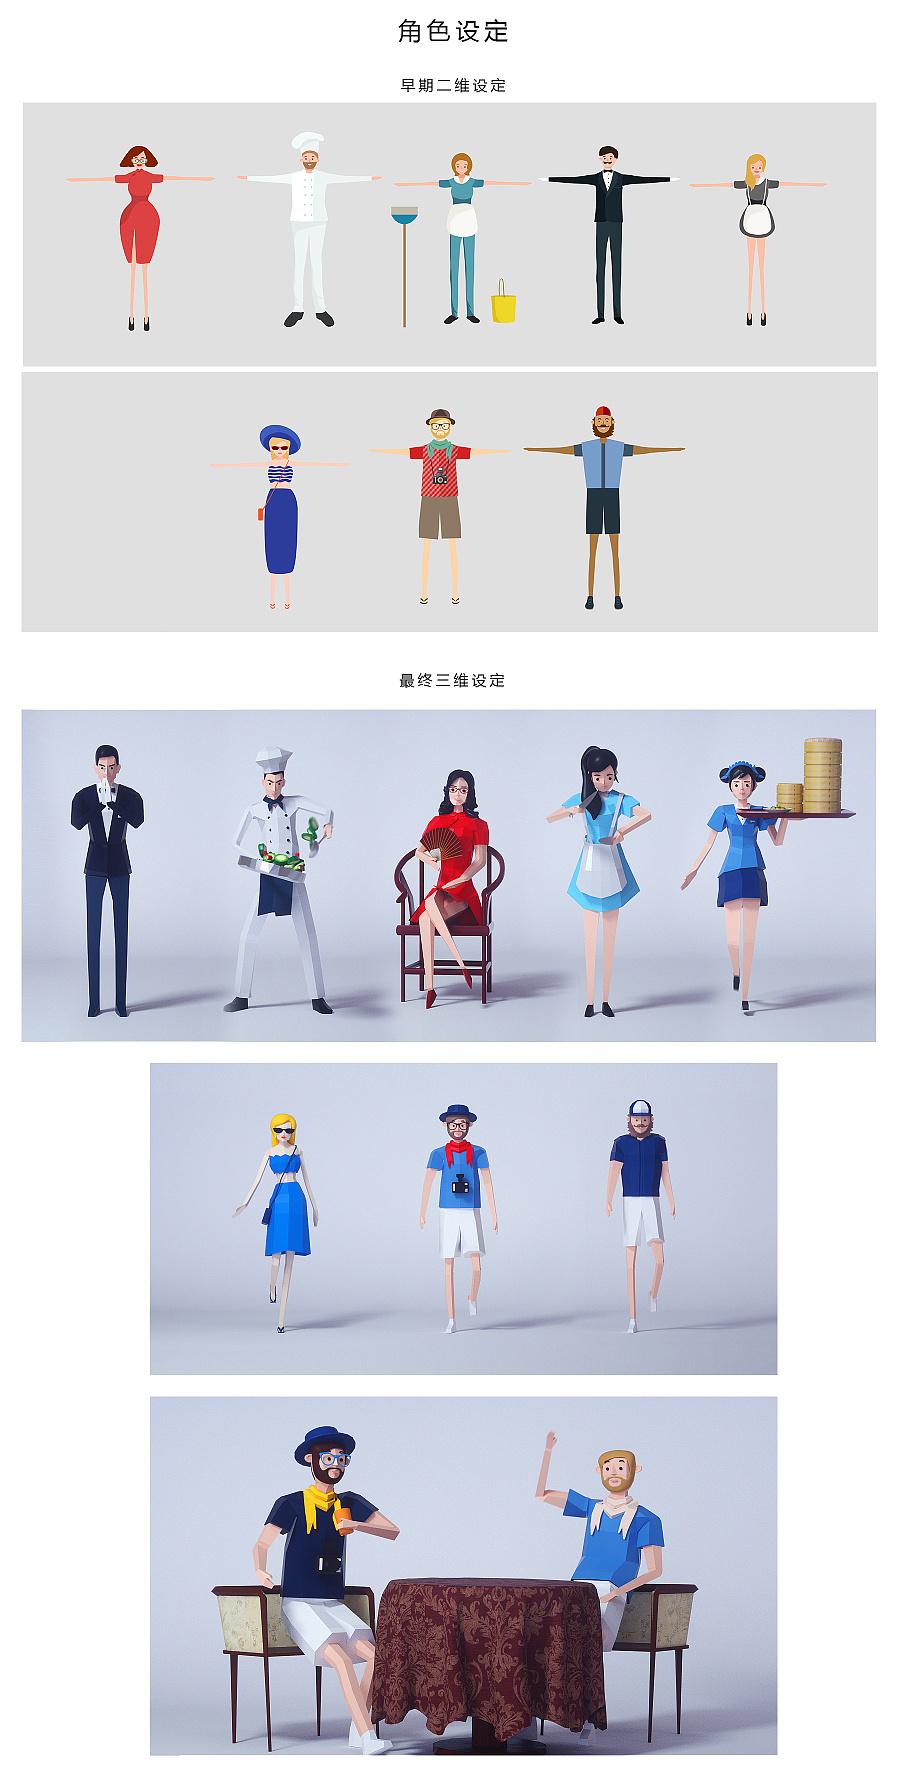 湖南卫视《中餐厅》片头动画设计图片